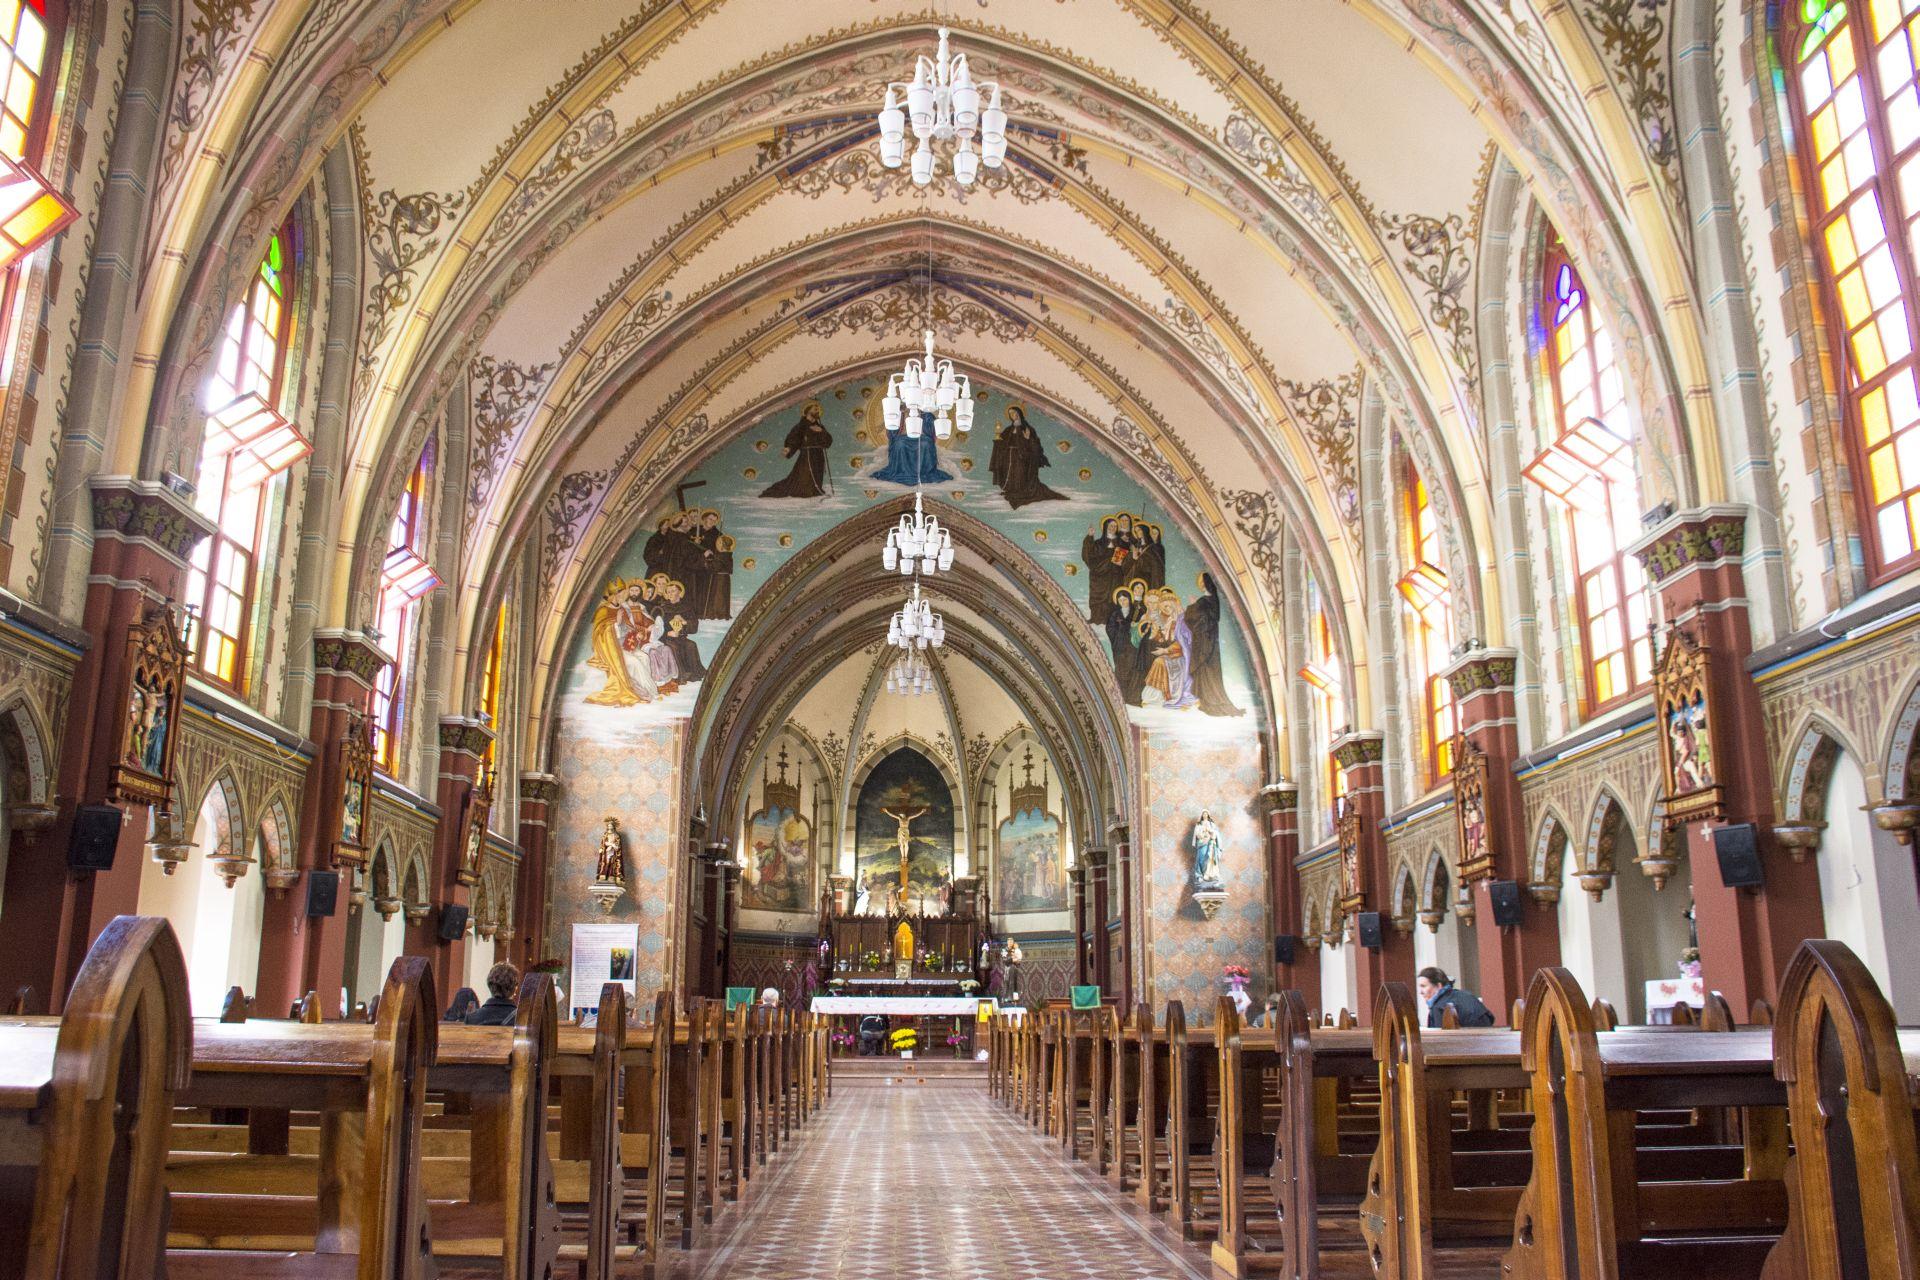 Interior da Igreja Bom Jesus dos Perdões, no Centro de Curitiba, que abriga uma das maiores festas de Santo Antônio do Paraná.